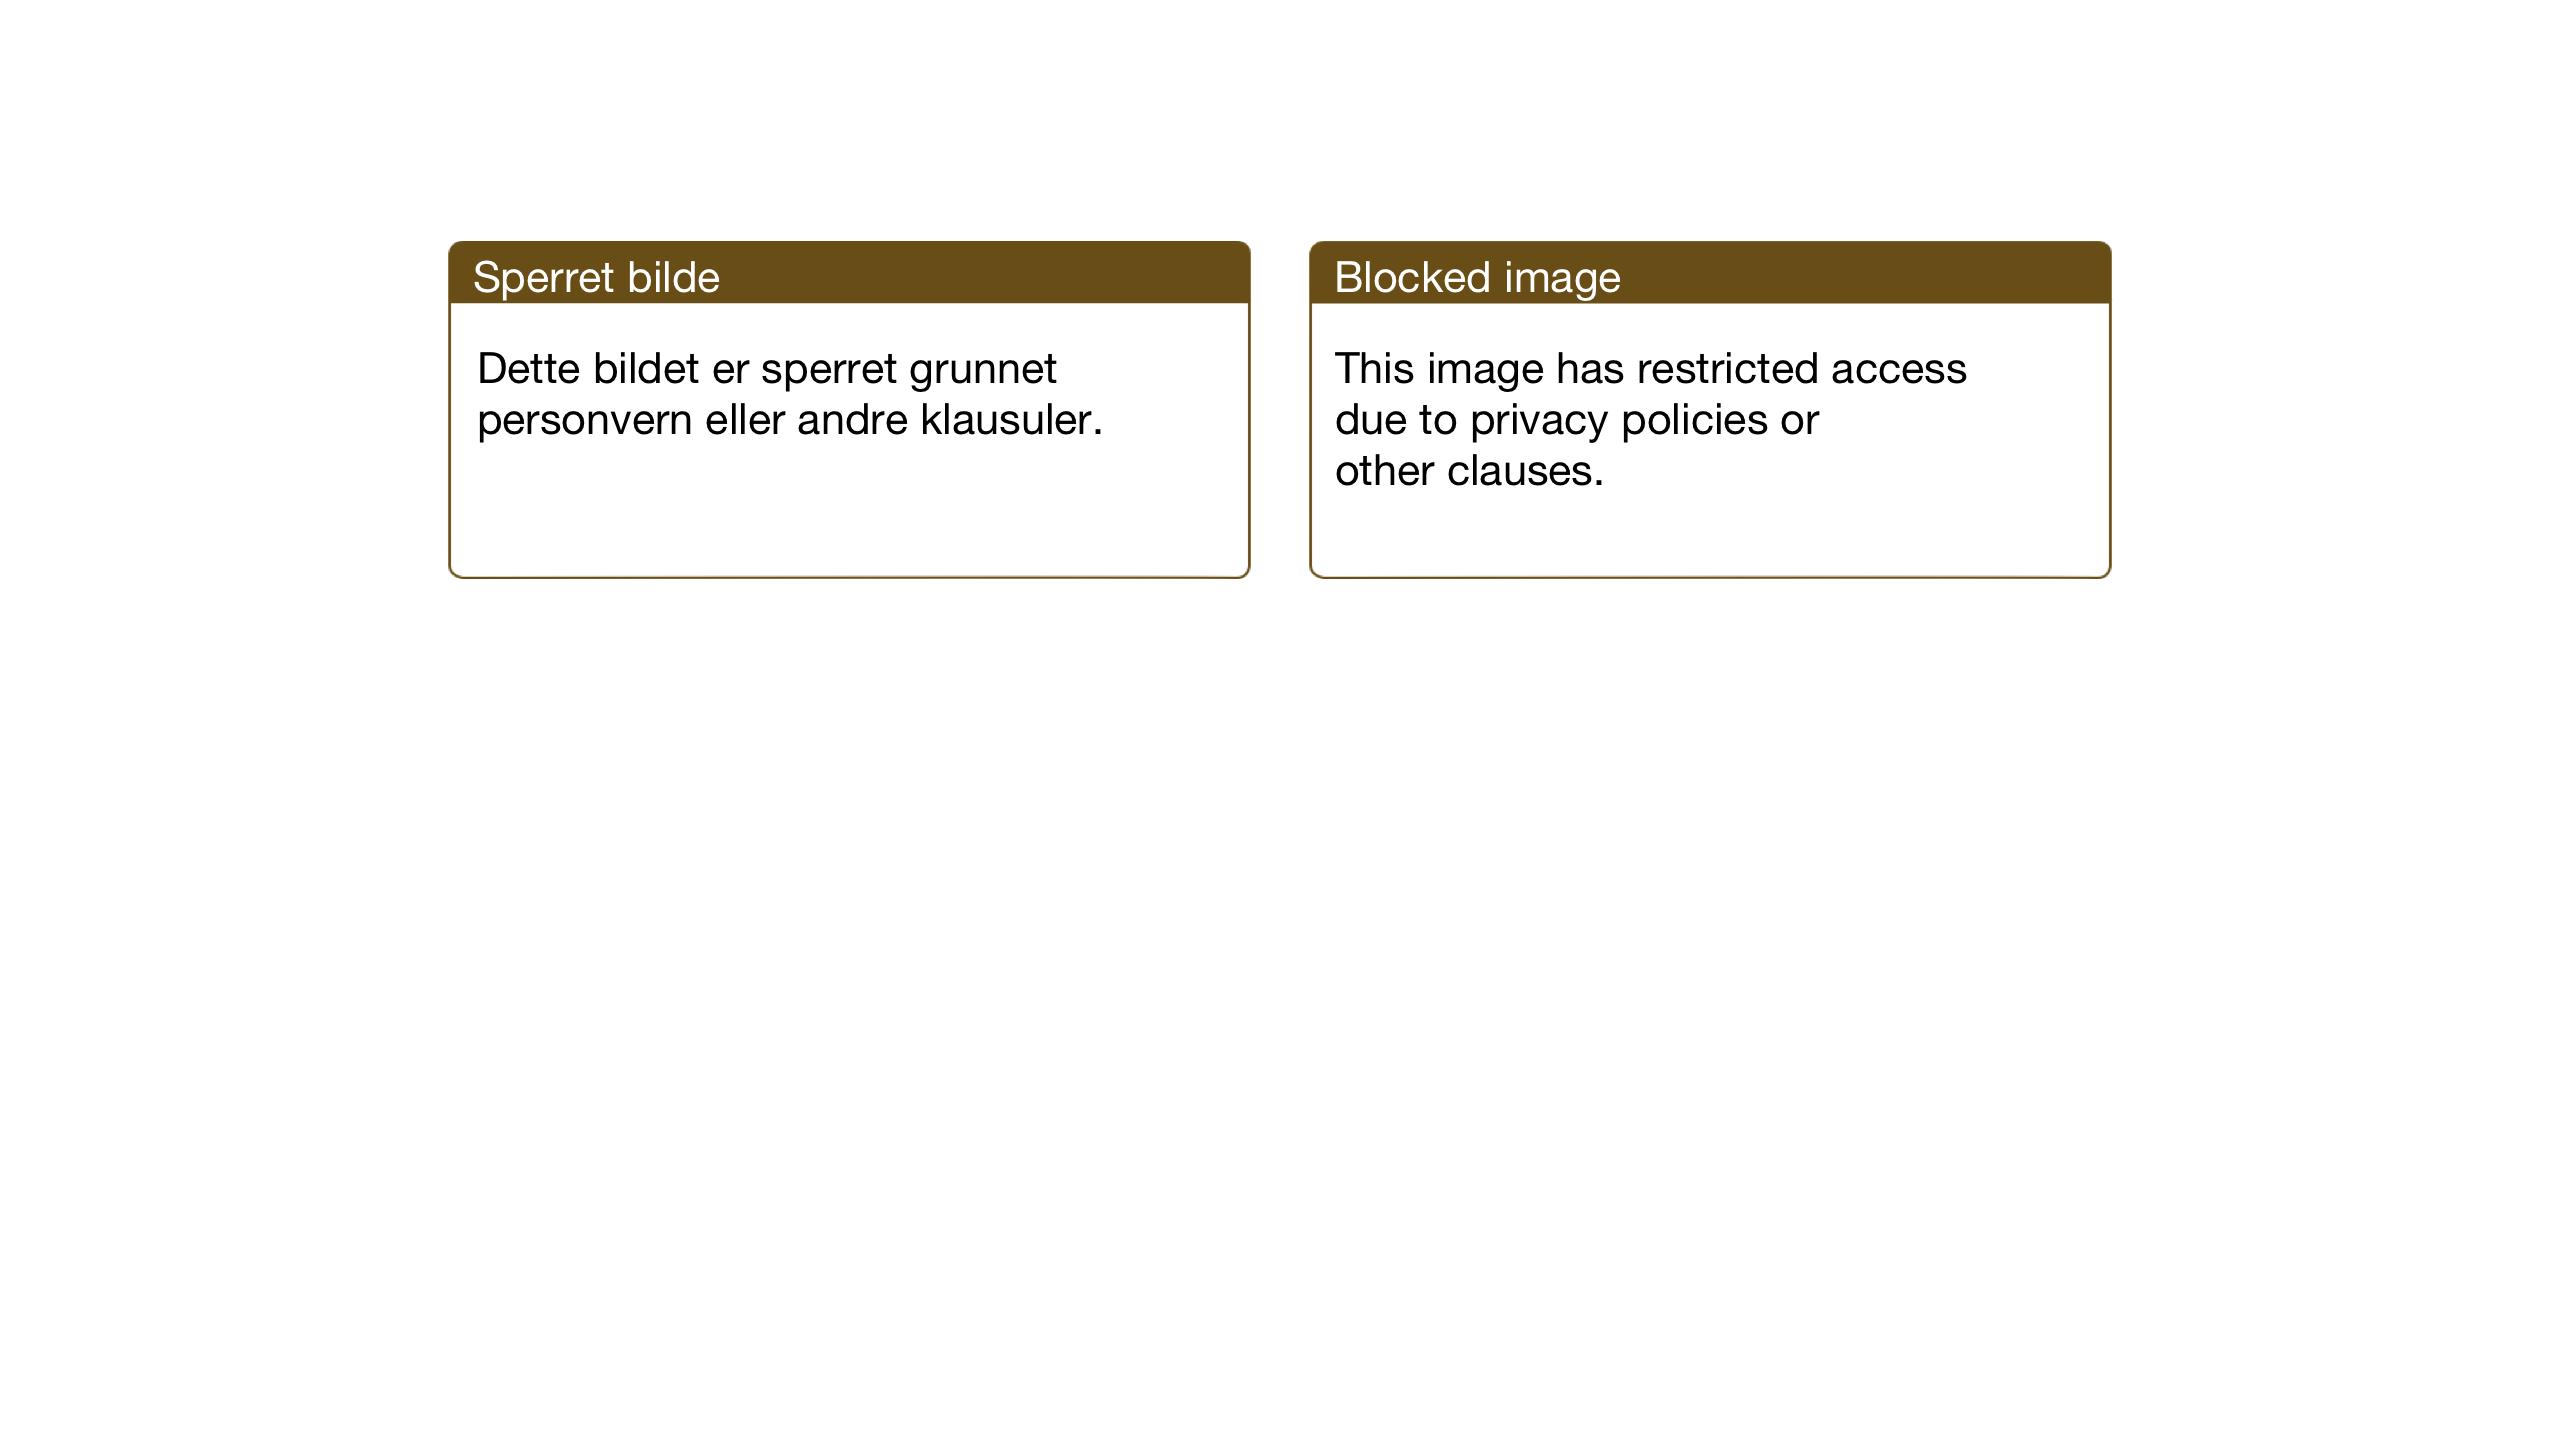 SAT, Ministerialprotokoller, klokkerbøker og fødselsregistre - Sør-Trøndelag, 617/L0431: Klokkerbok nr. 617C02, 1910-1936, s. 107